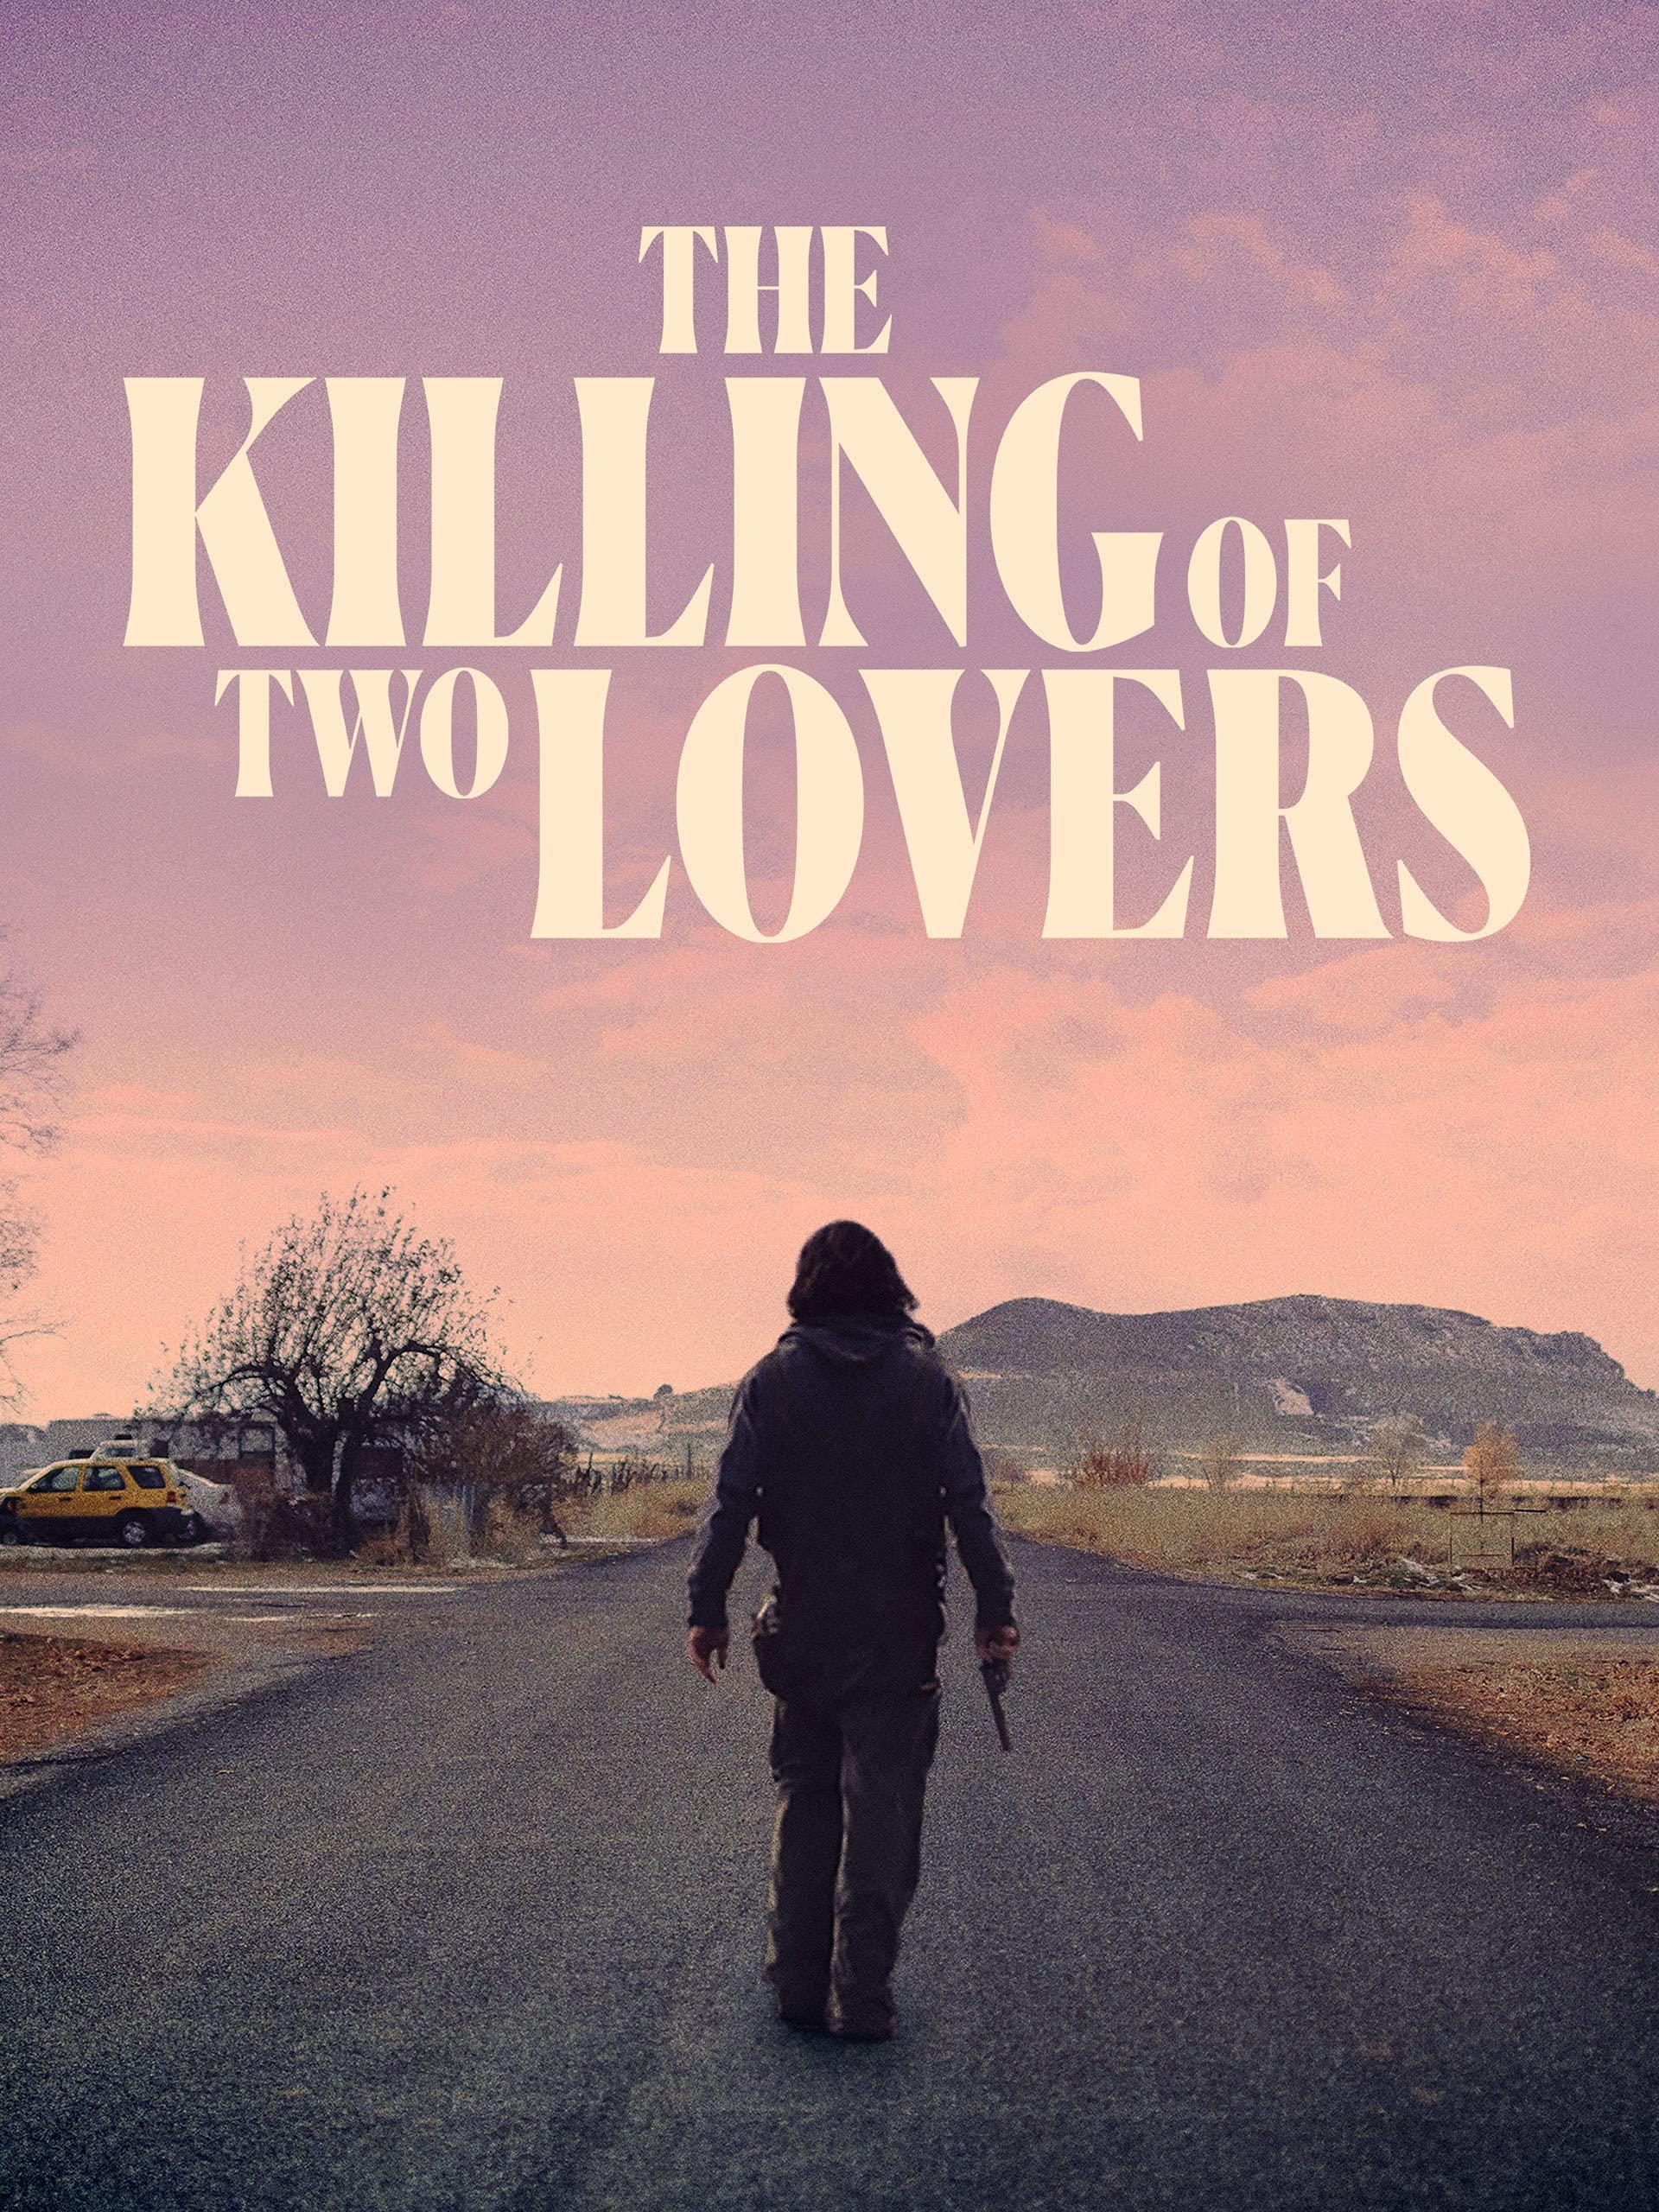 فیلم The Killing of Two Lovers به کارگردانی و نویسندگی رابرت ماکویان یک فیلم غیرمنتظره به معنای مثبت آن است.